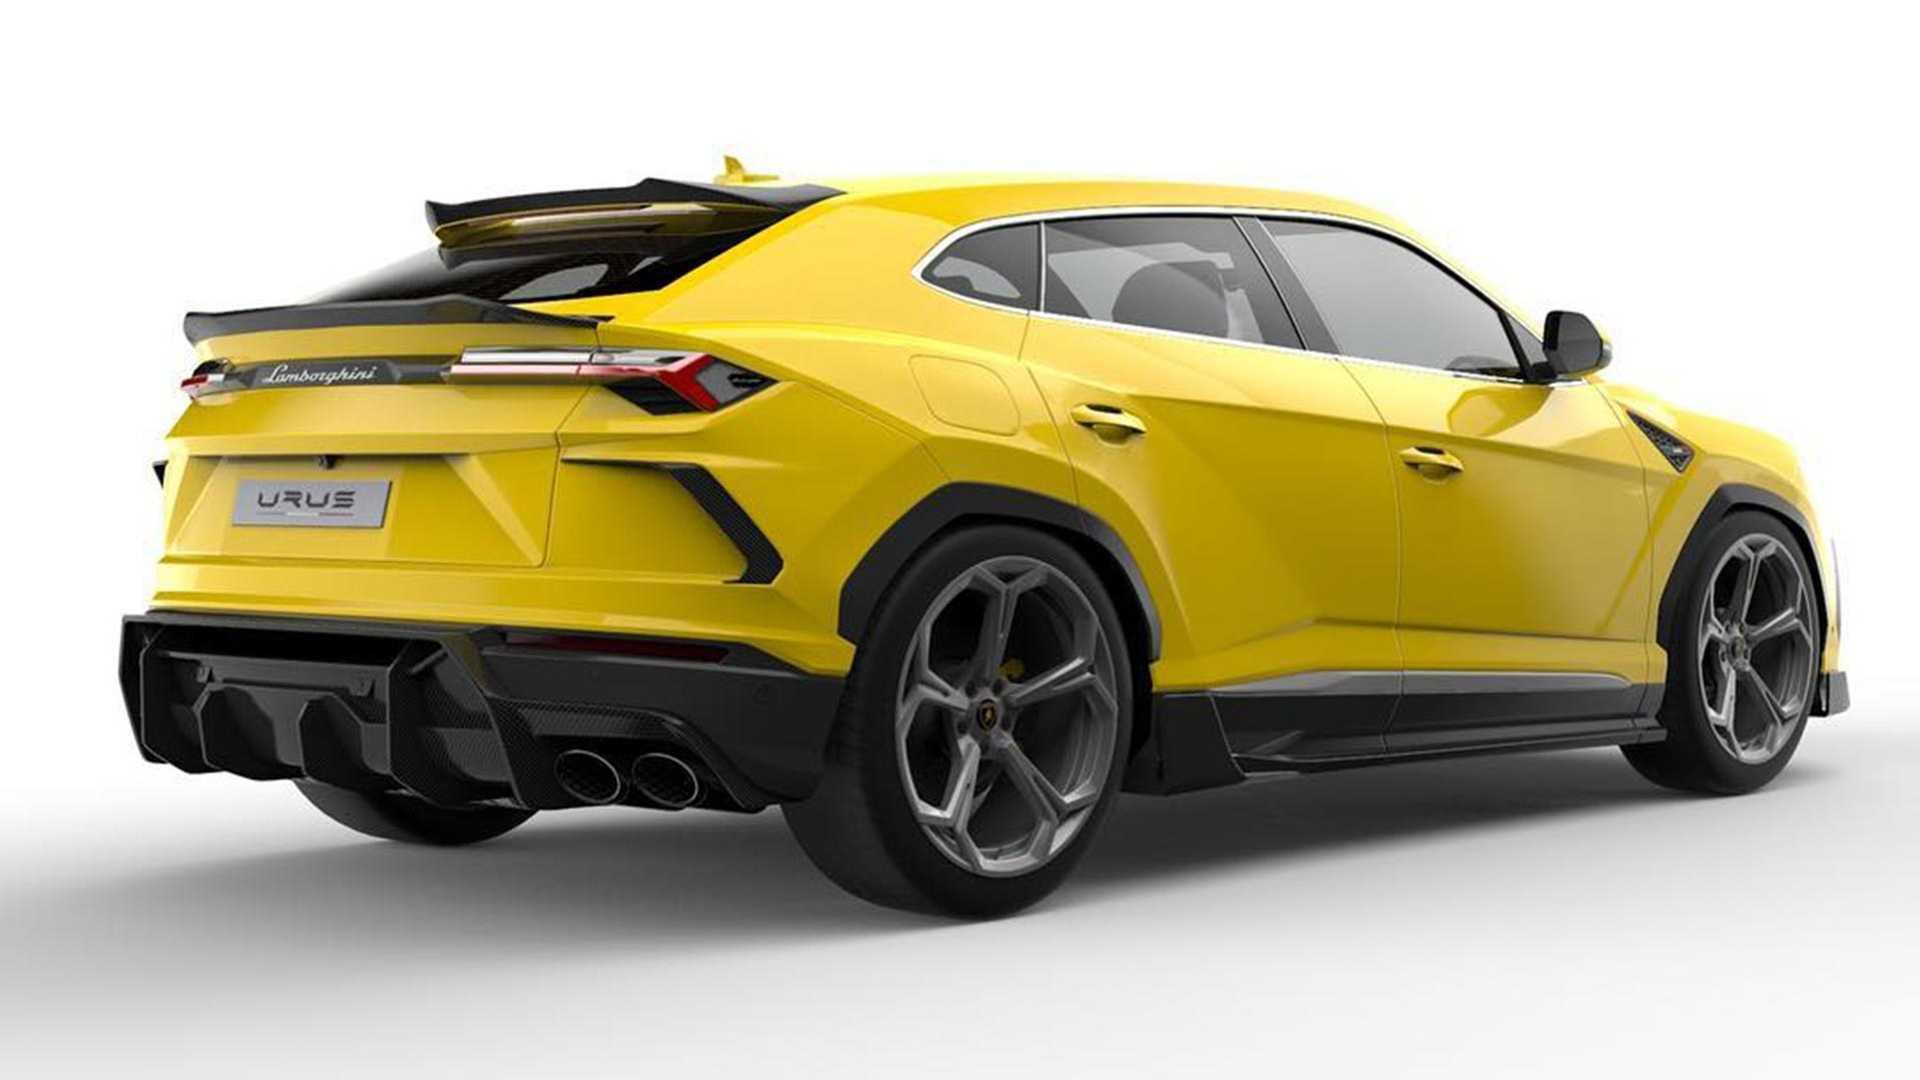 Lamborghini_Urus_by_Vorsteiner_0003